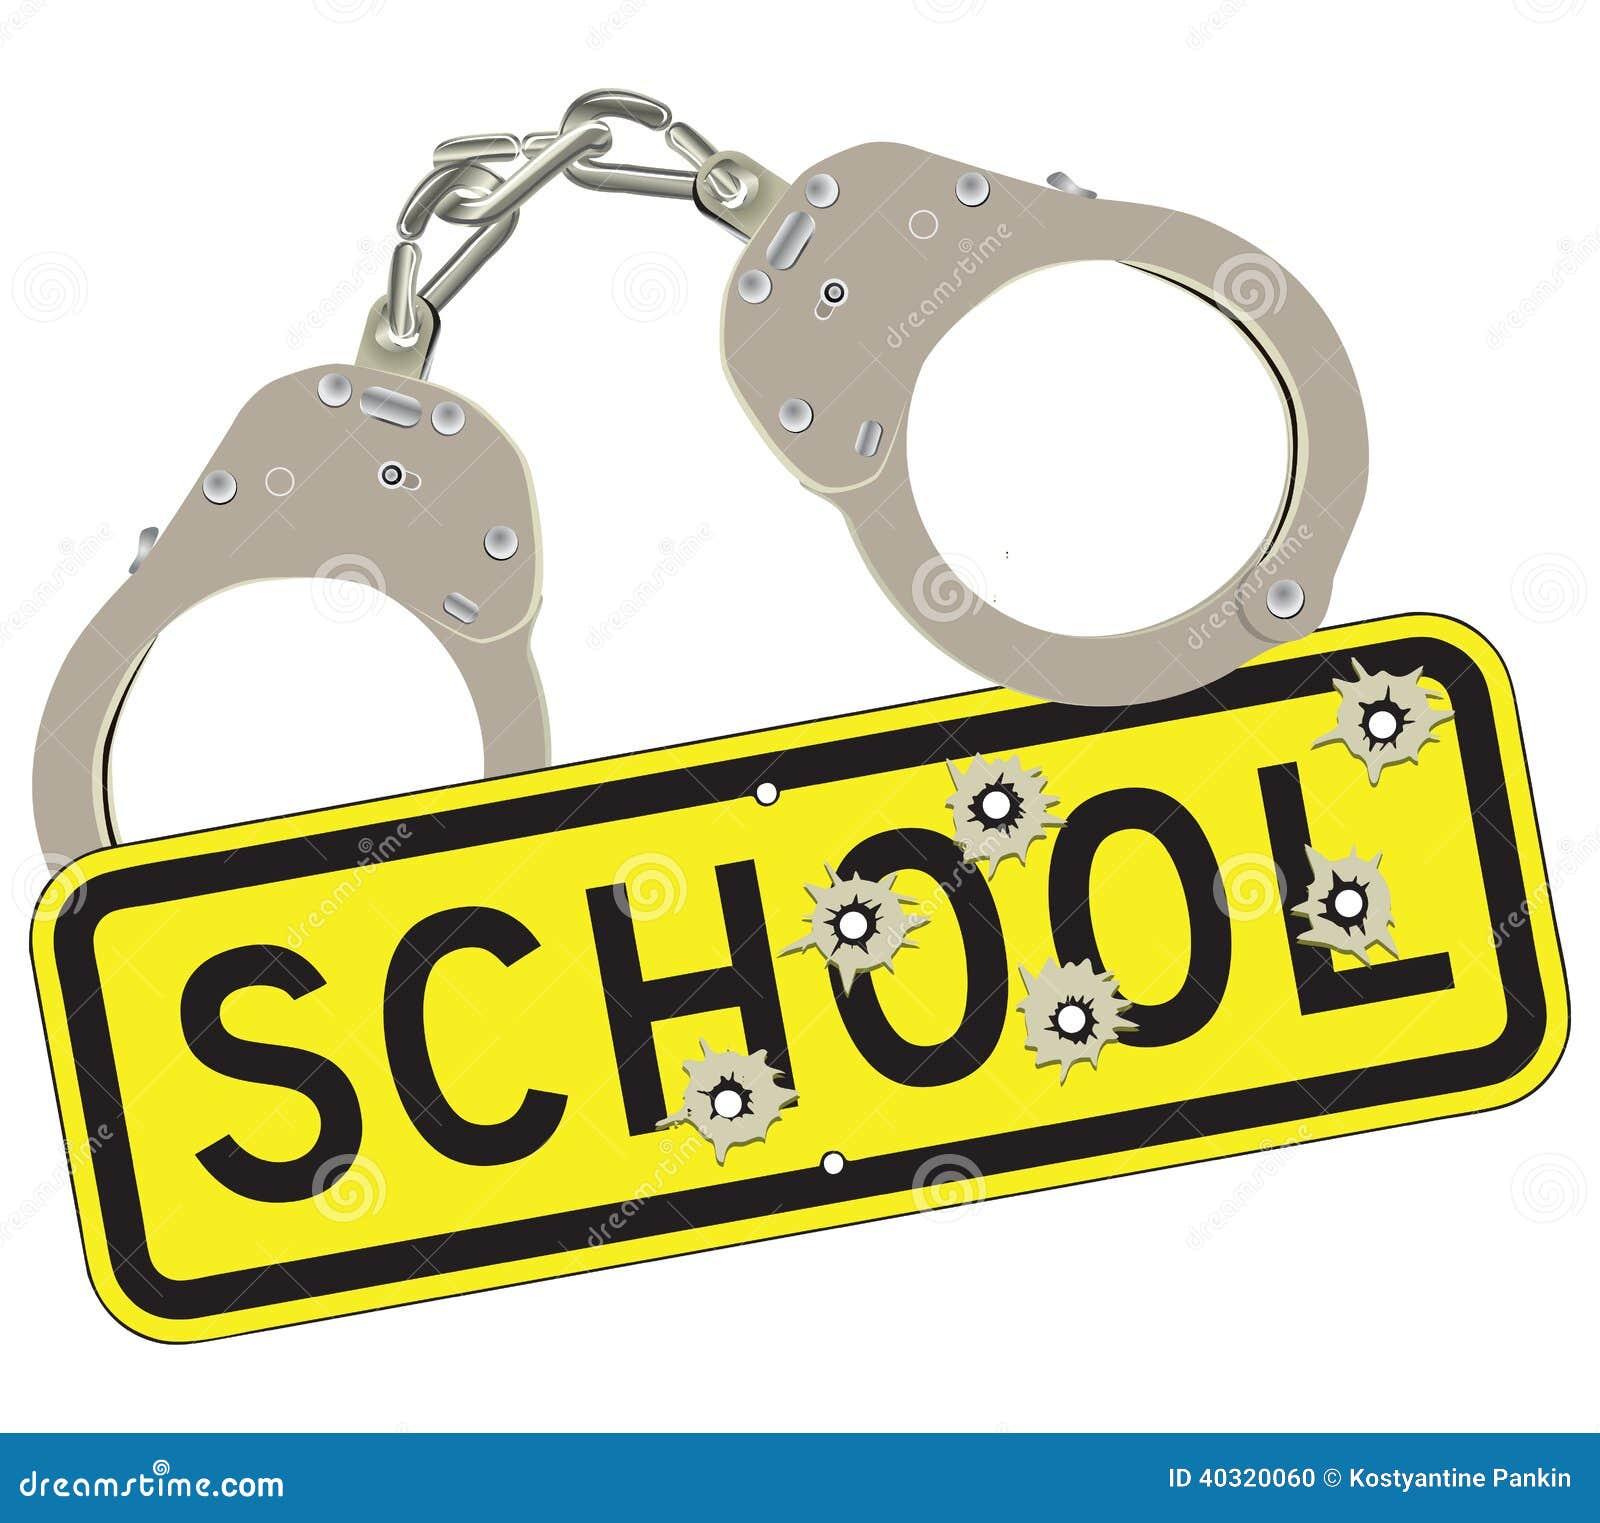 Crime in schools